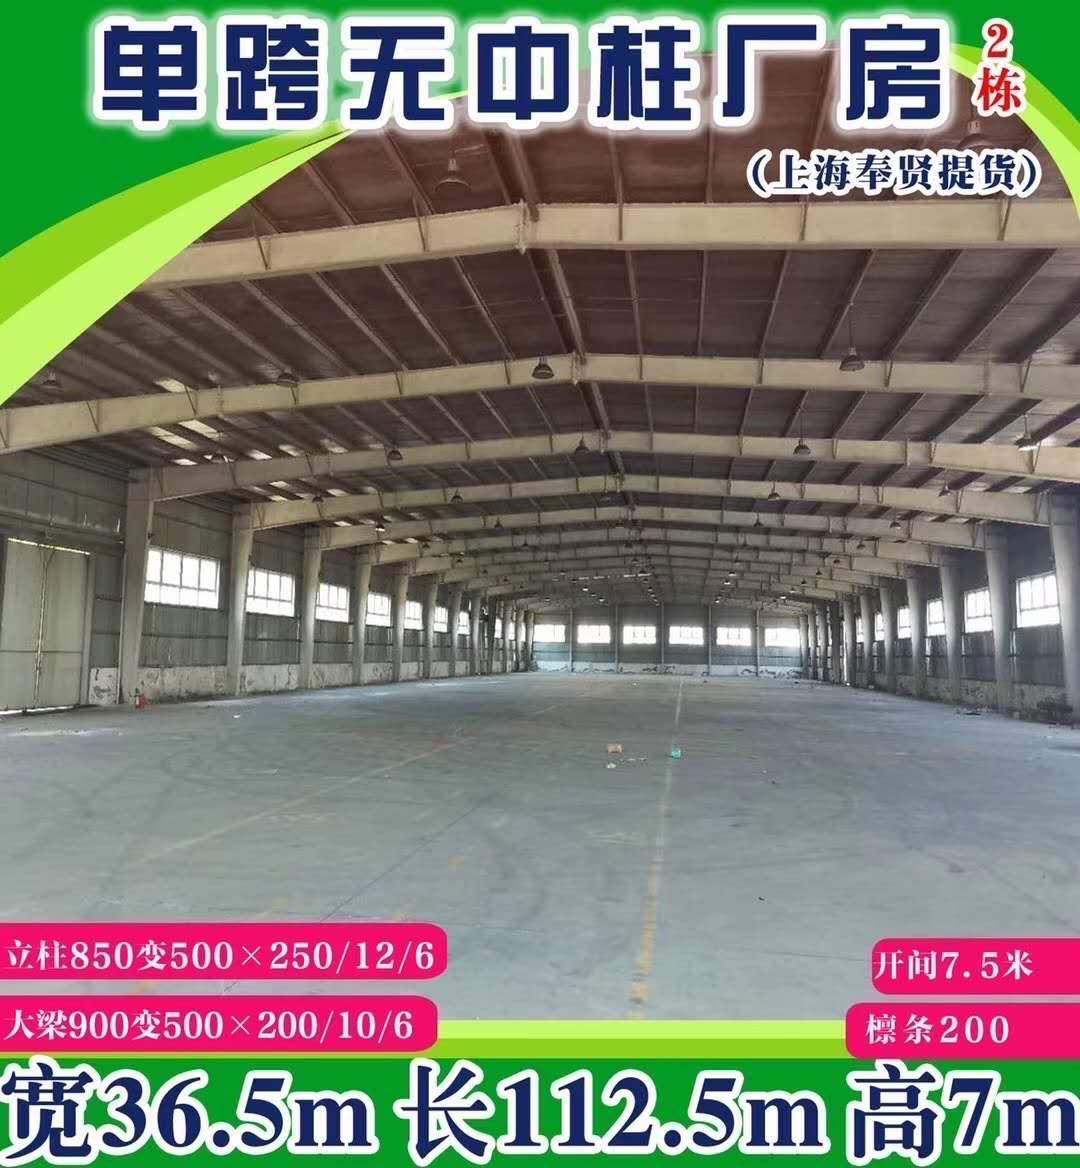 石家庄出售钢结构厂房宽36.5米 长112.5米 高7米